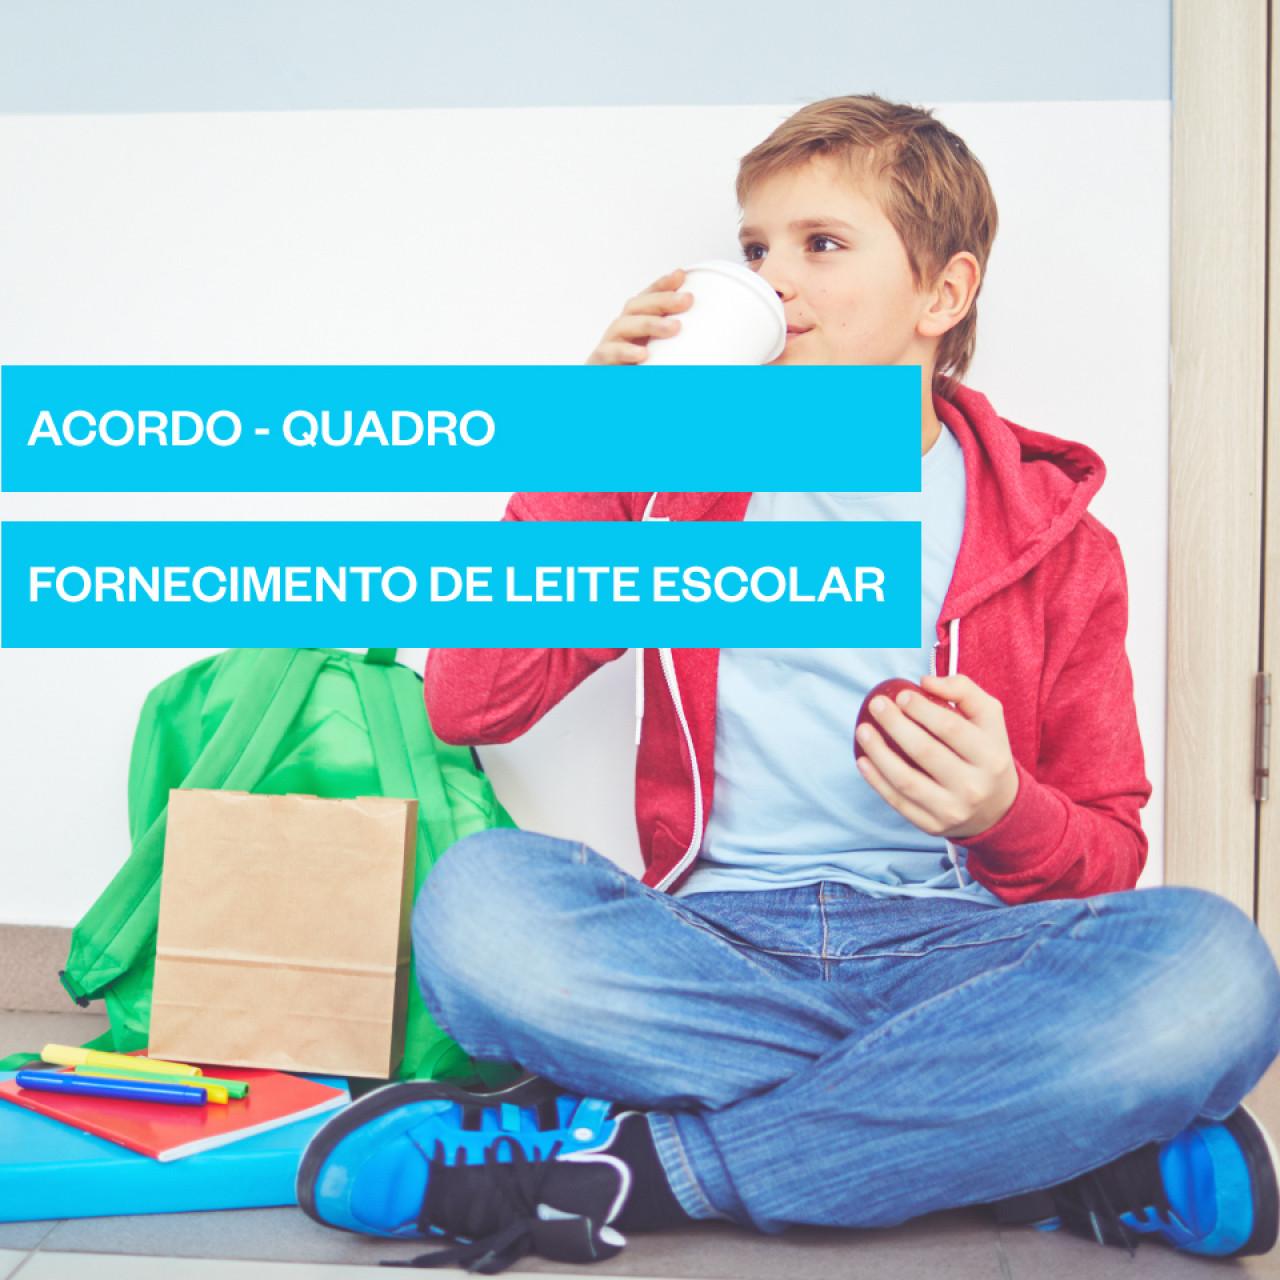 ACORDO-QUADRO PARA O FORNECIMENTO DE LEITE ESCOLAR